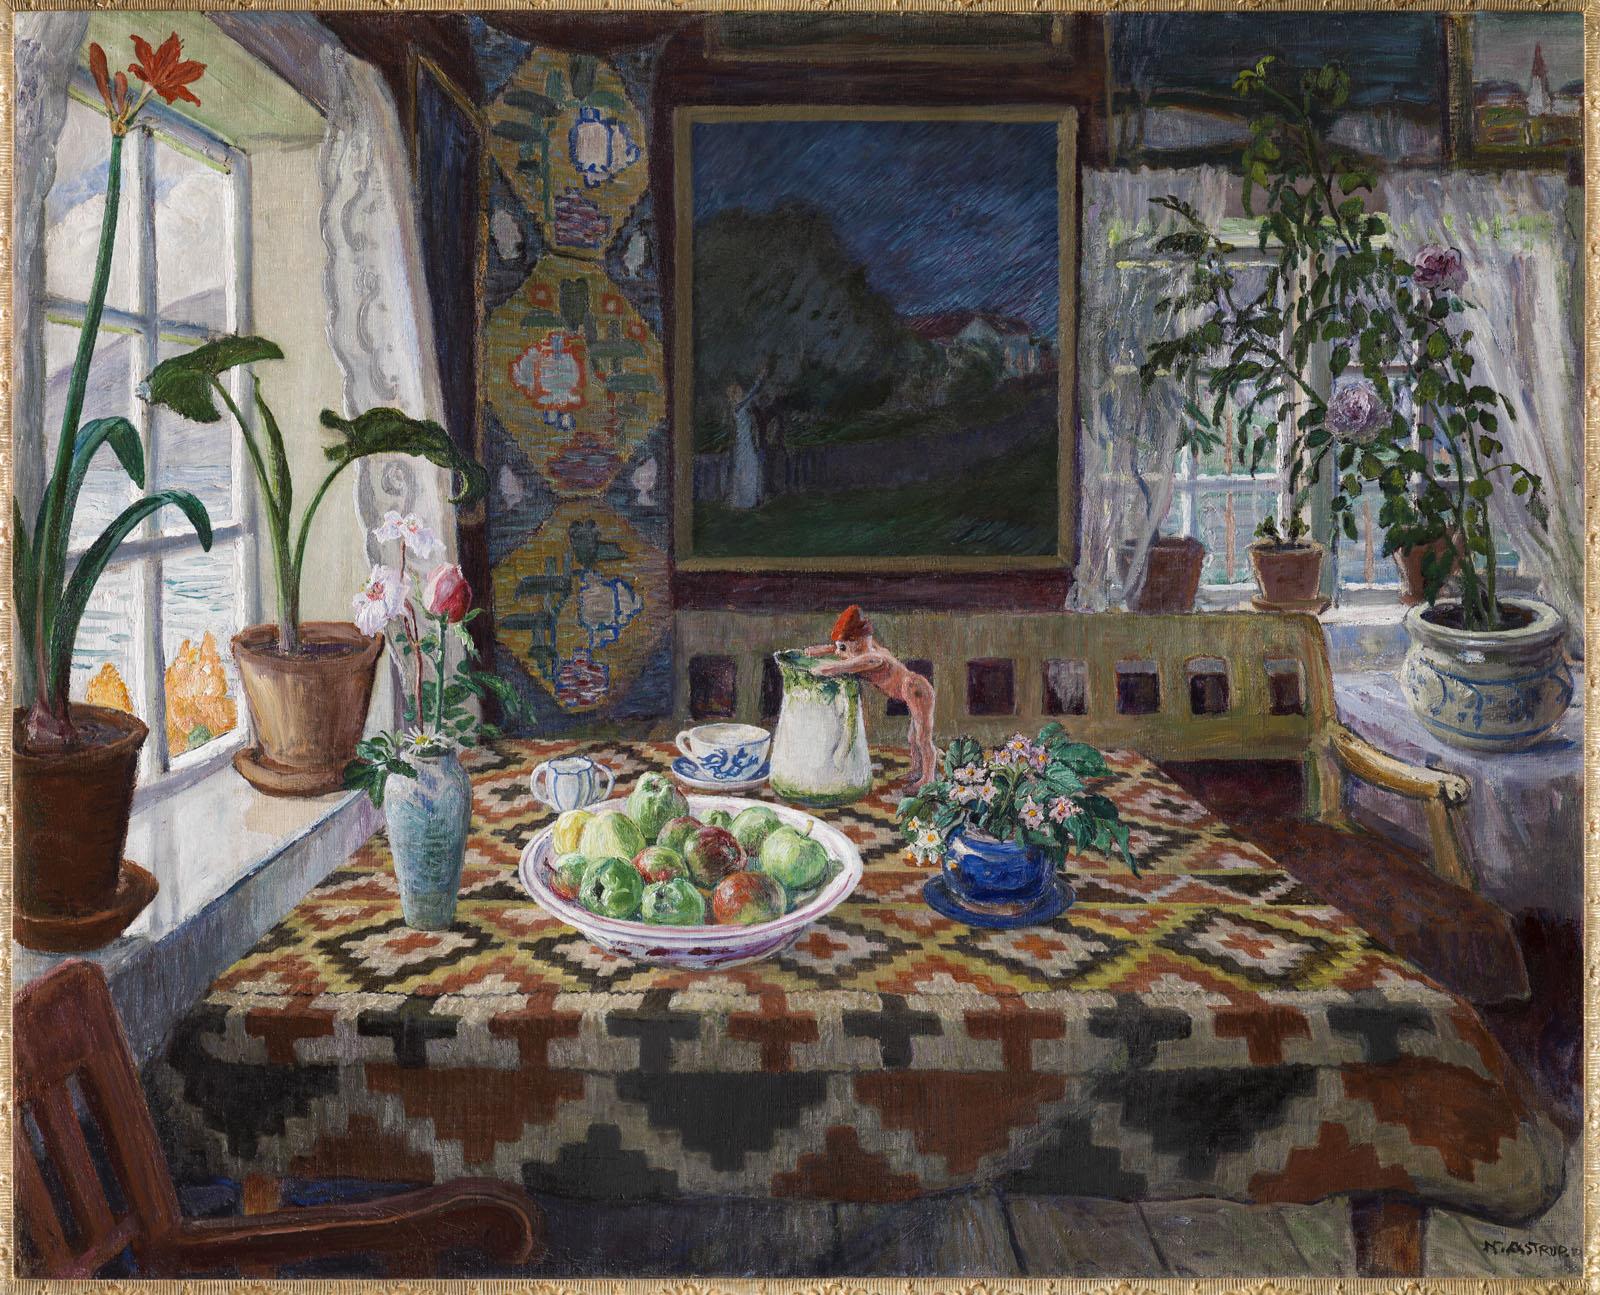 Interior Still Life: Living Room at Sandalstrand